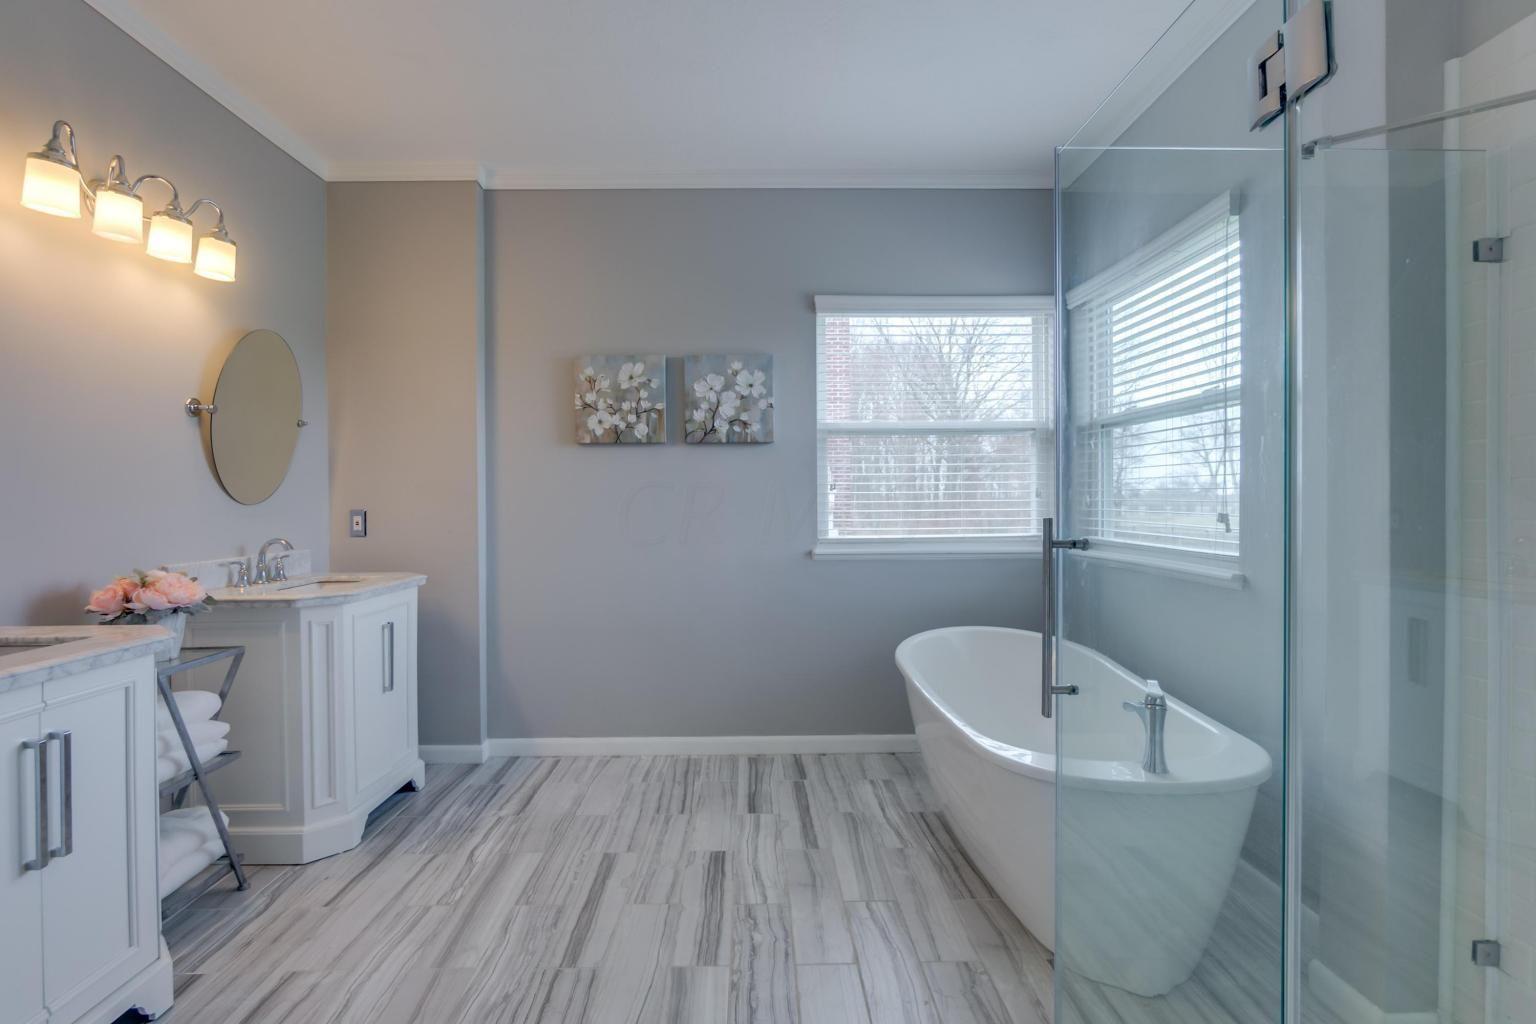 Bathroom Remodel Bathrooms Remodel Bathroom Soaker Tub